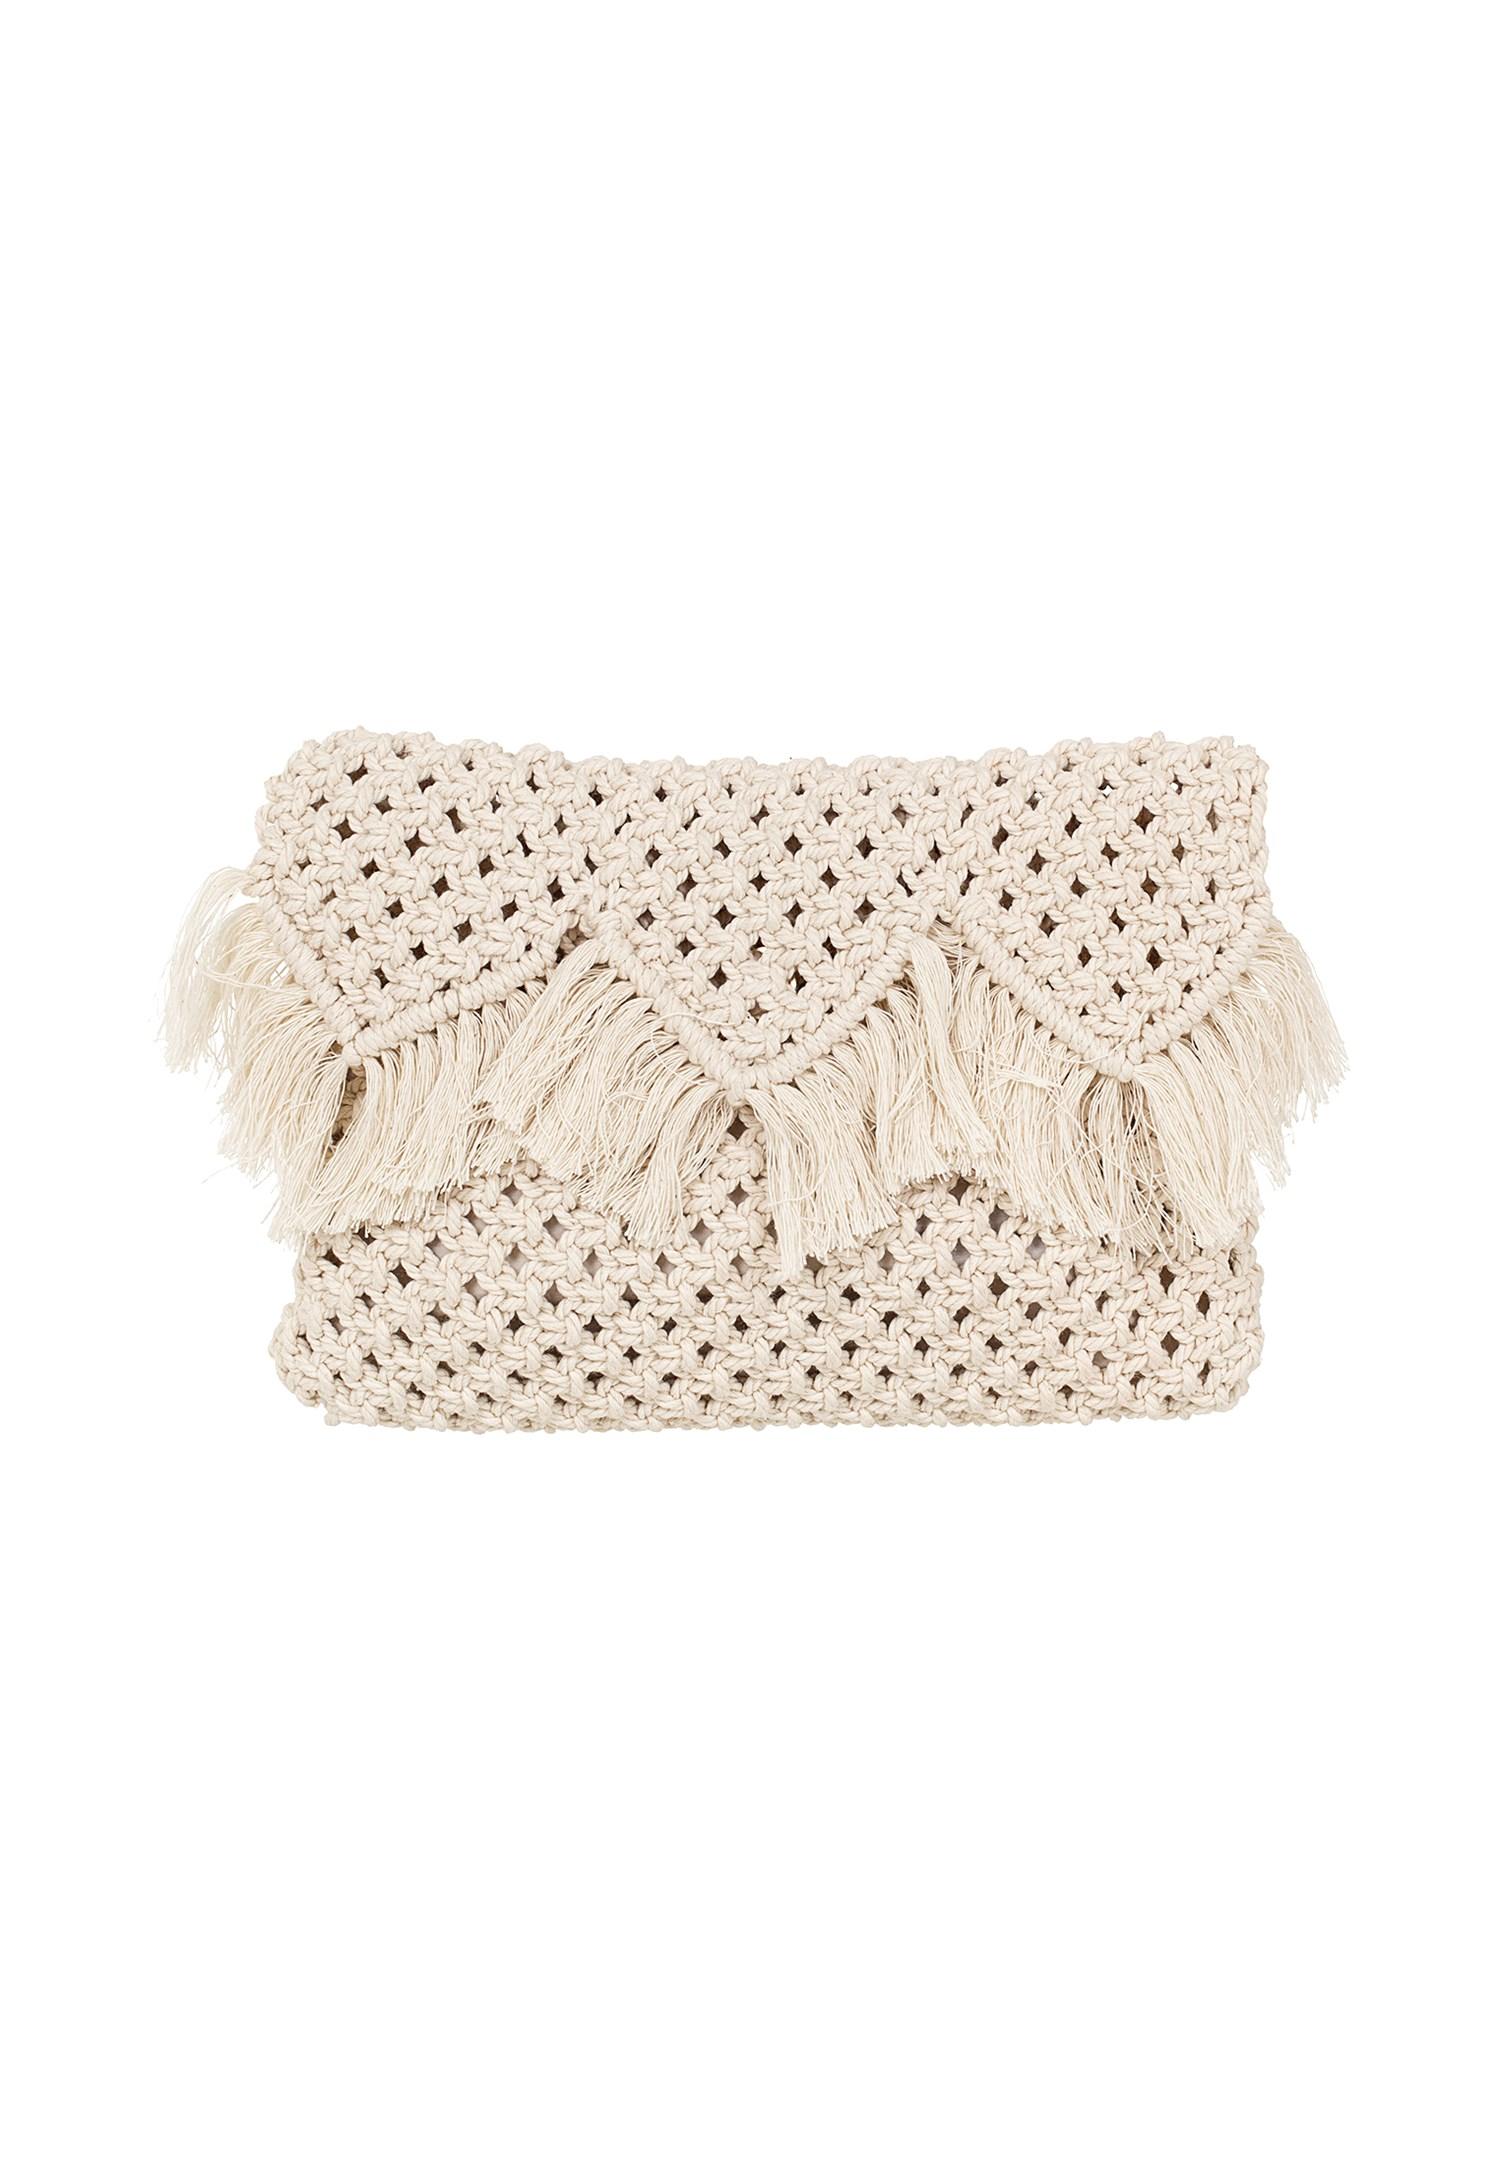 Bayan Krem El Yapımı Kroşe Mini Çanta